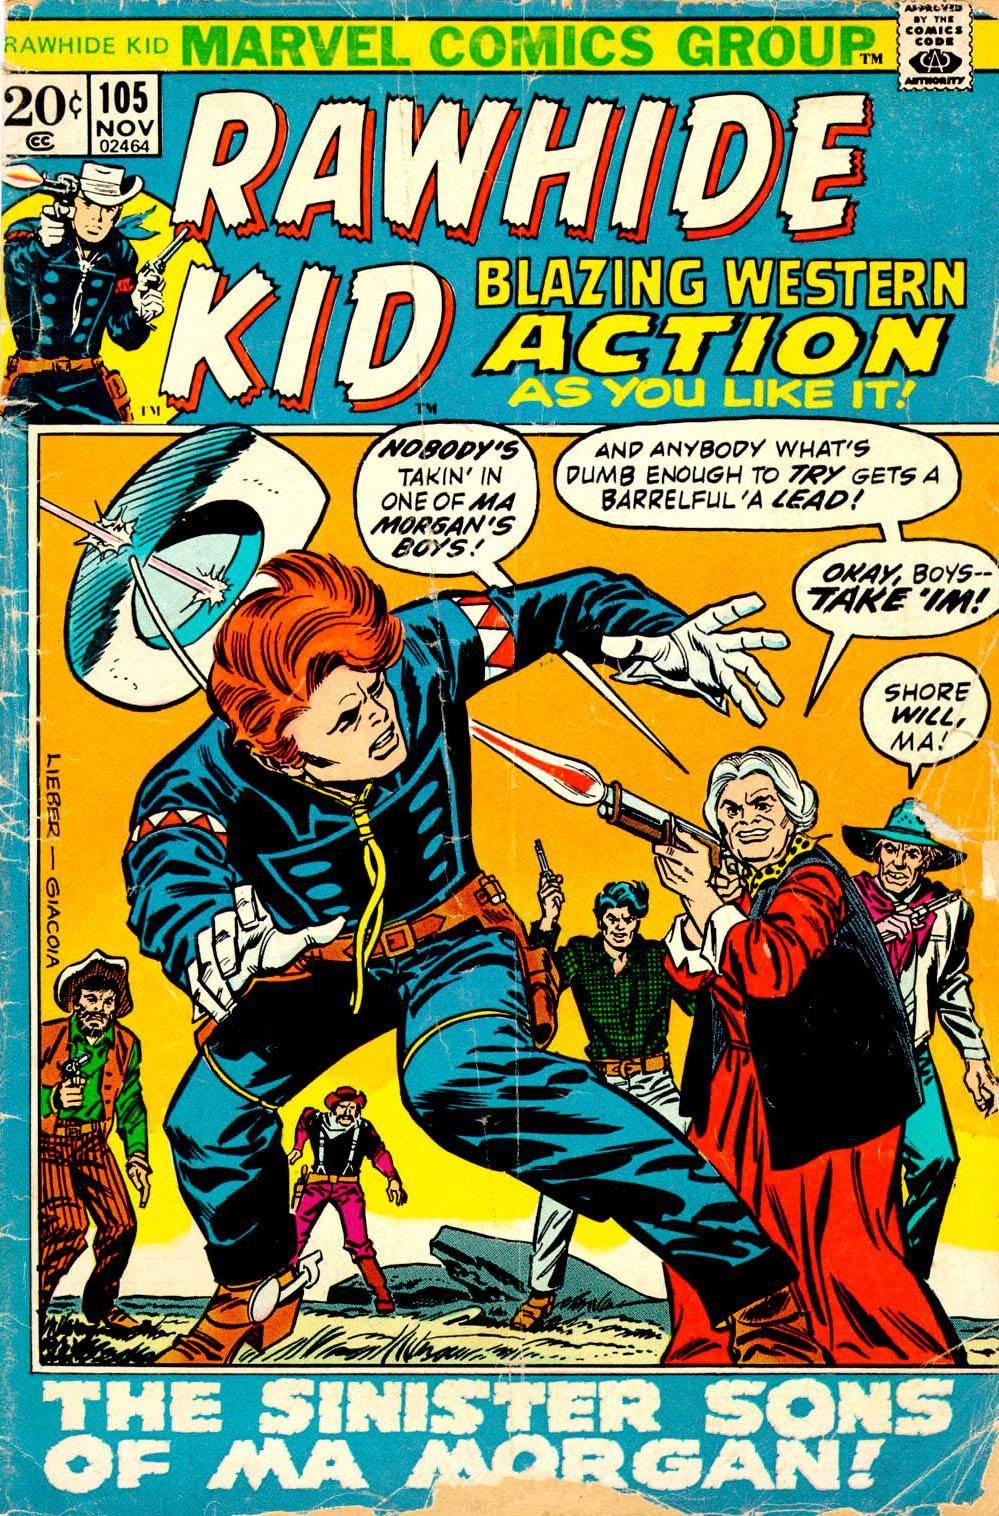 Rawhide Kid v1 105 1972